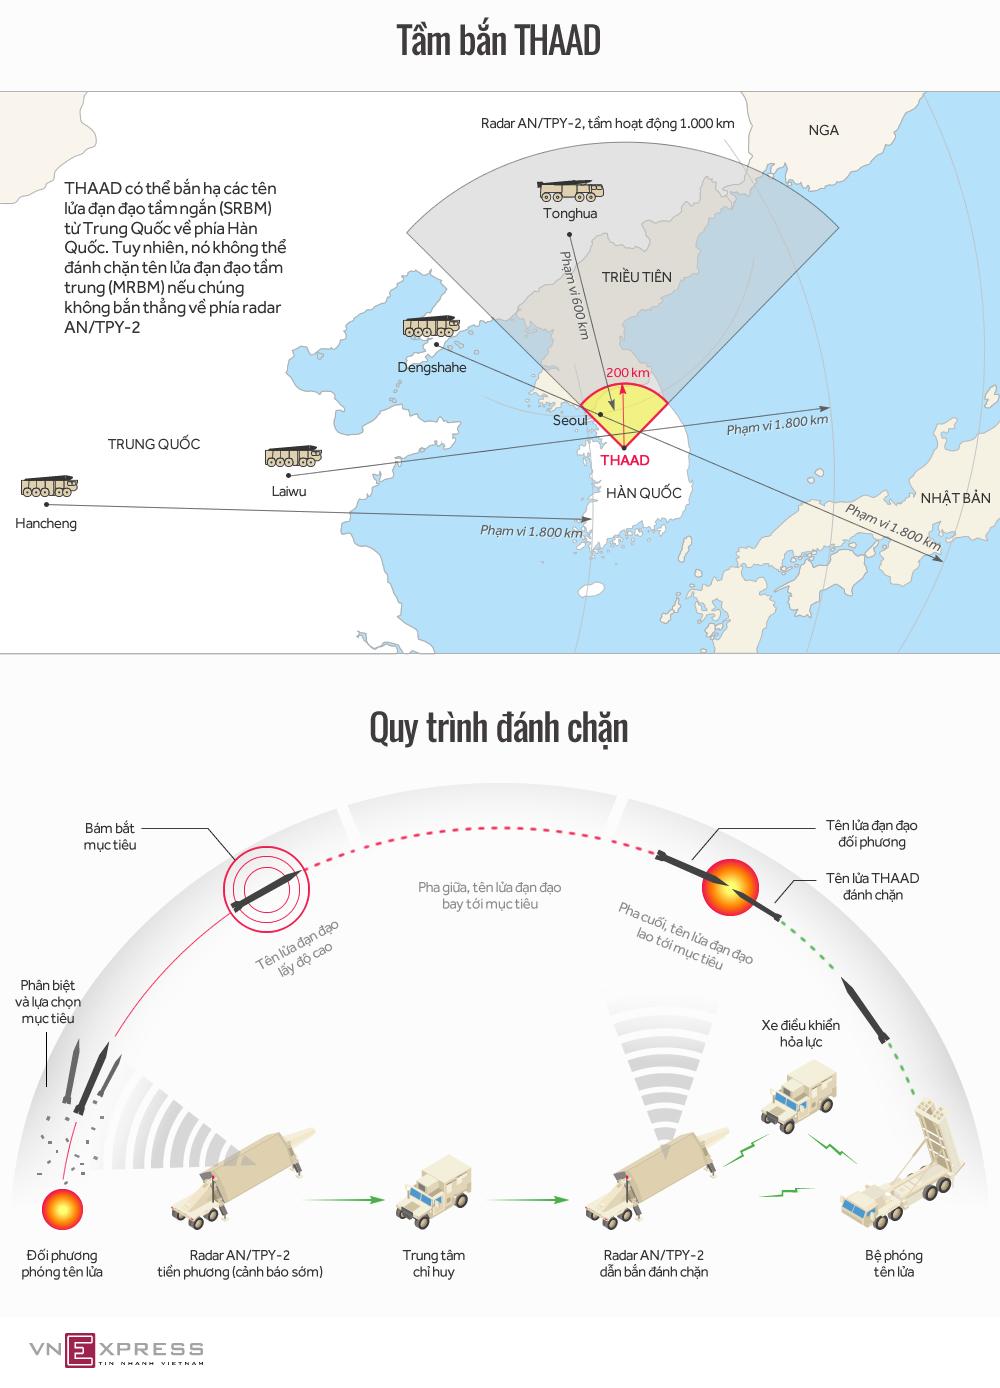 Lý do Trung Quốc nóng mắt với giàn tên lửa THAAD ở Hàn Quốc